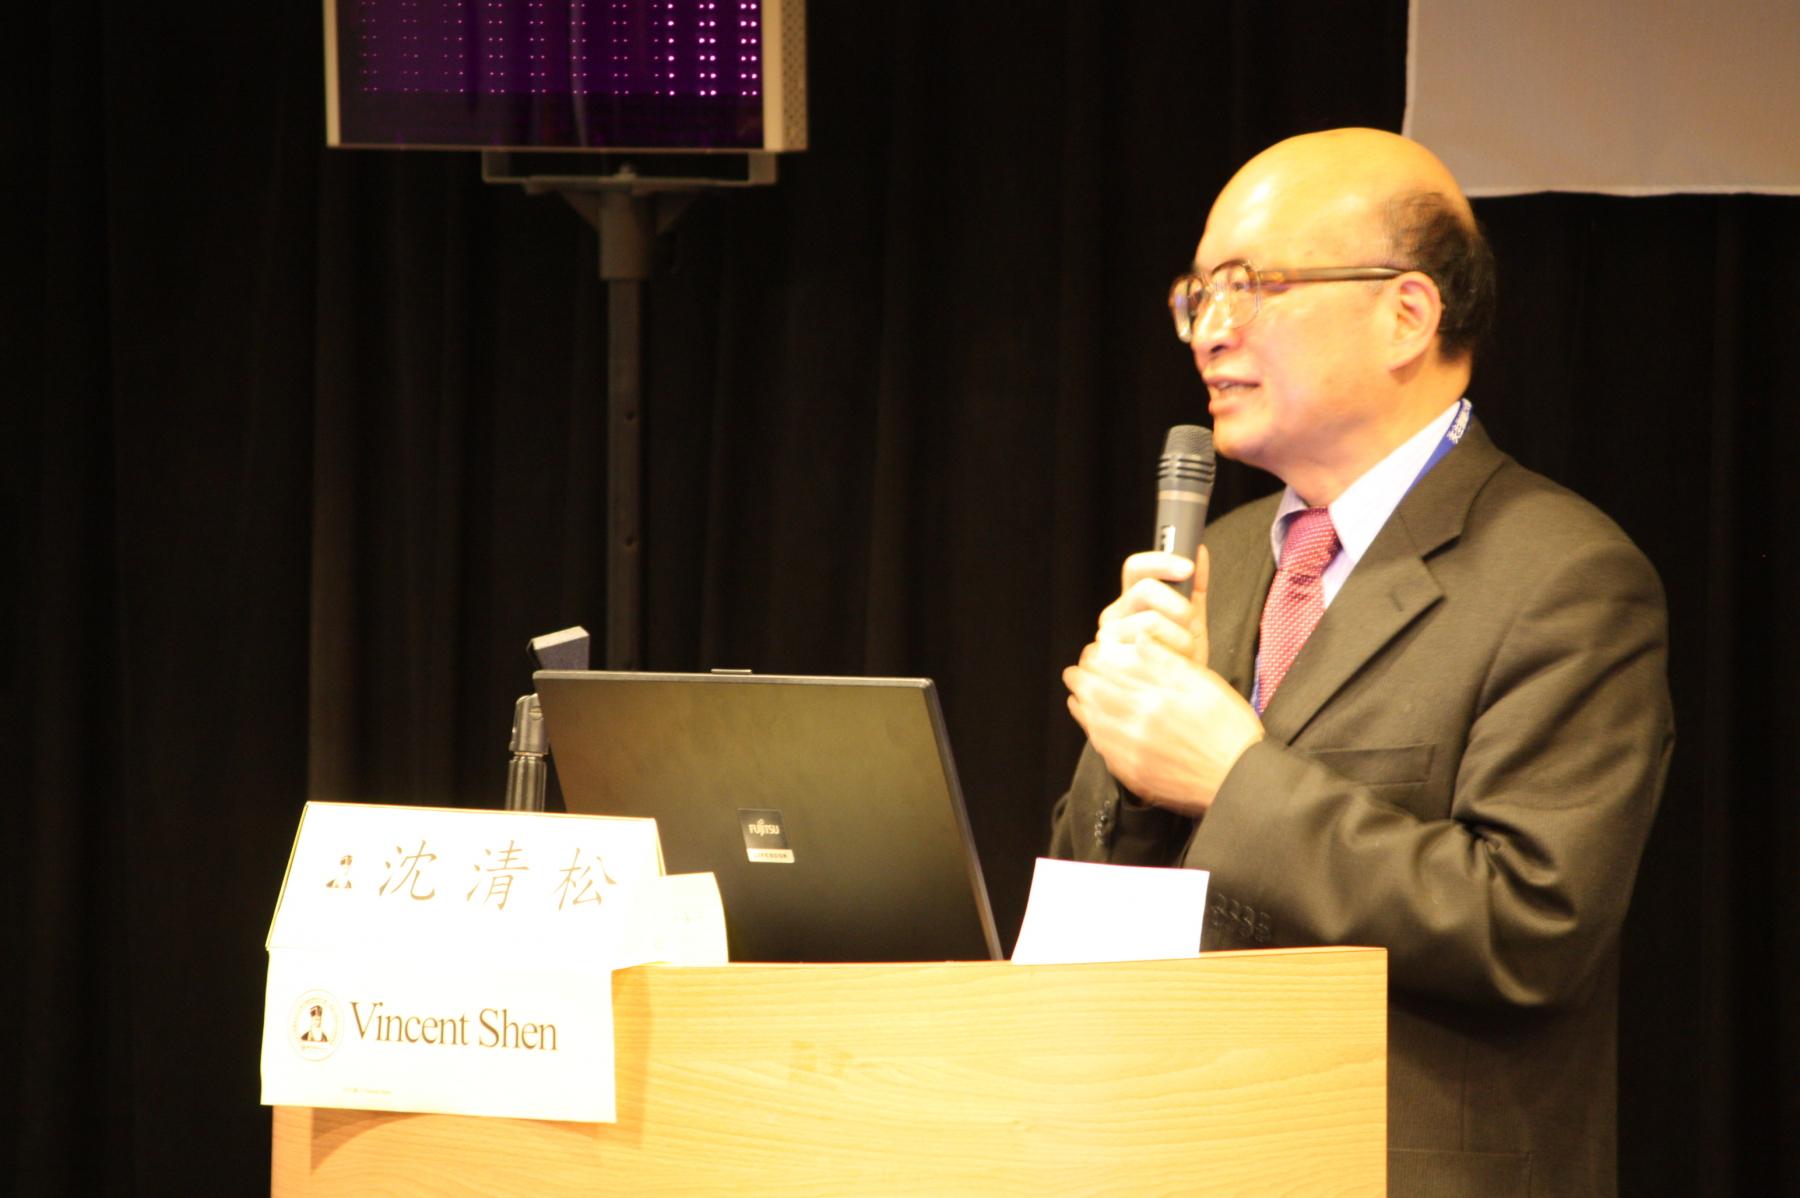 201004紀念利瑪竇逝世四百週年國際學術研討會-32